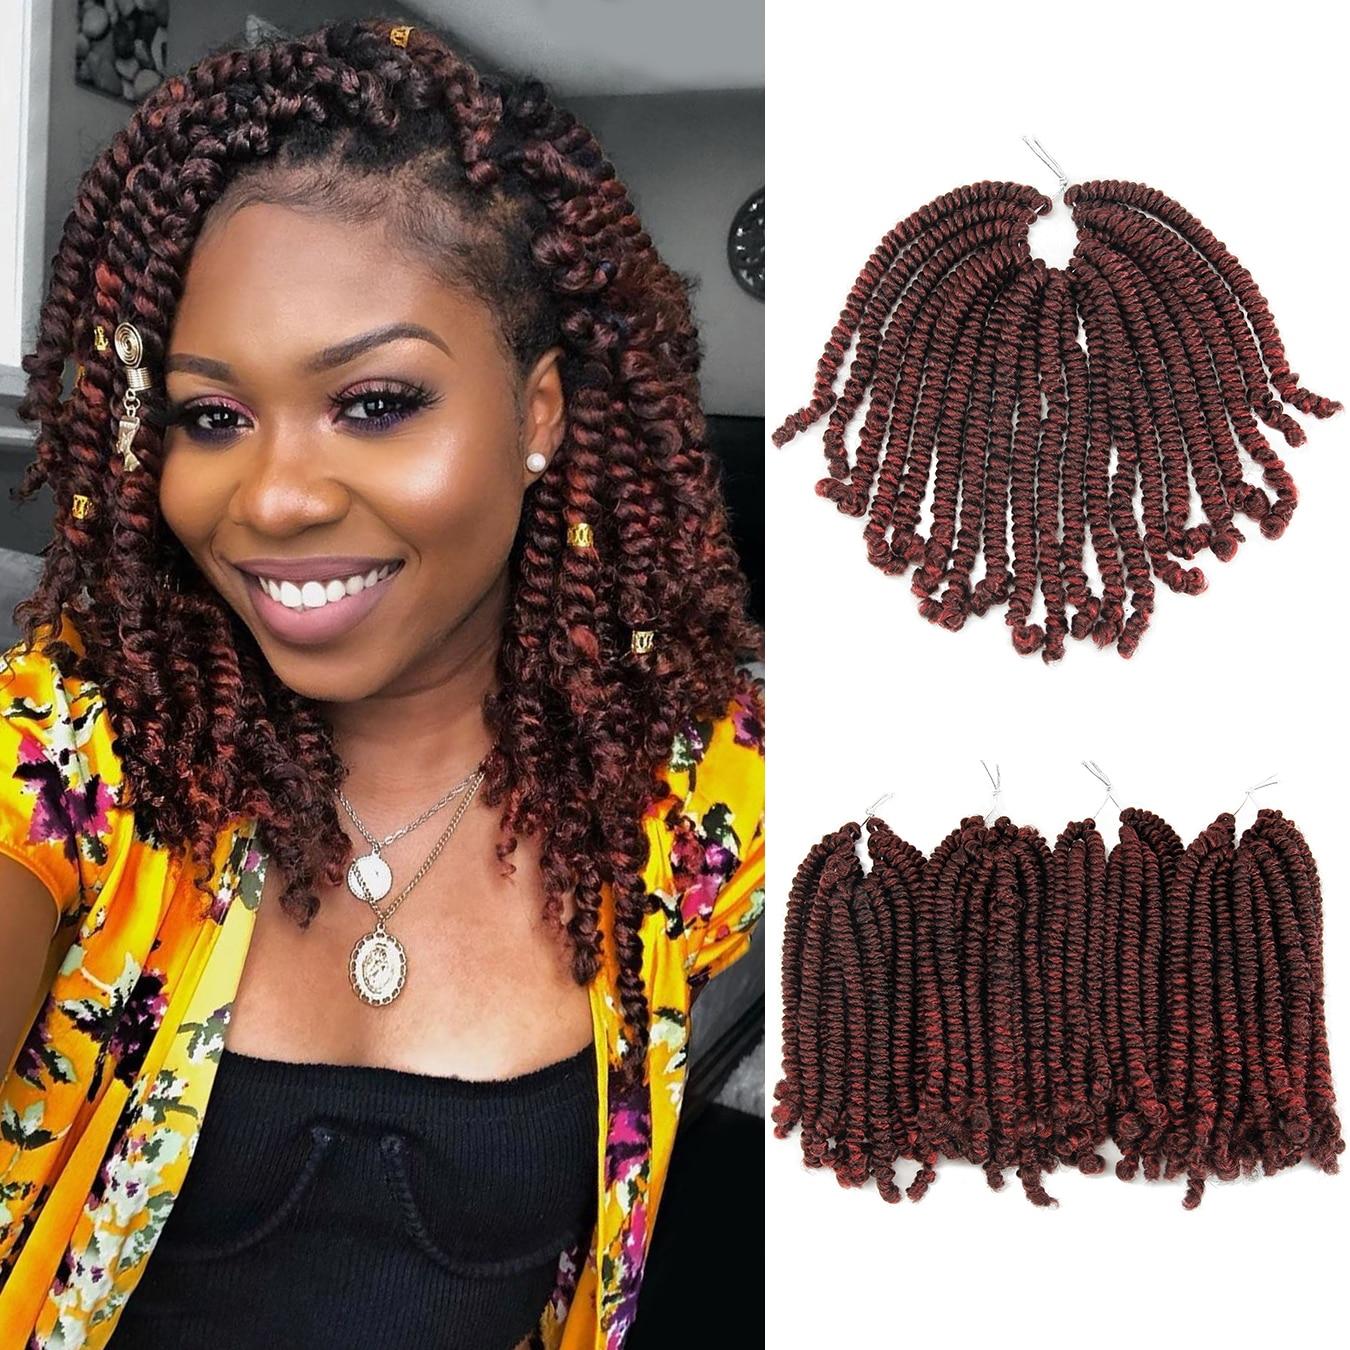 Cheris, 8 дюймов, Омбре, весна, закрученные волосы, вязанные крючком косички, страсть, твист, синтетические плетеные волосы для наращивания, 20 ко...